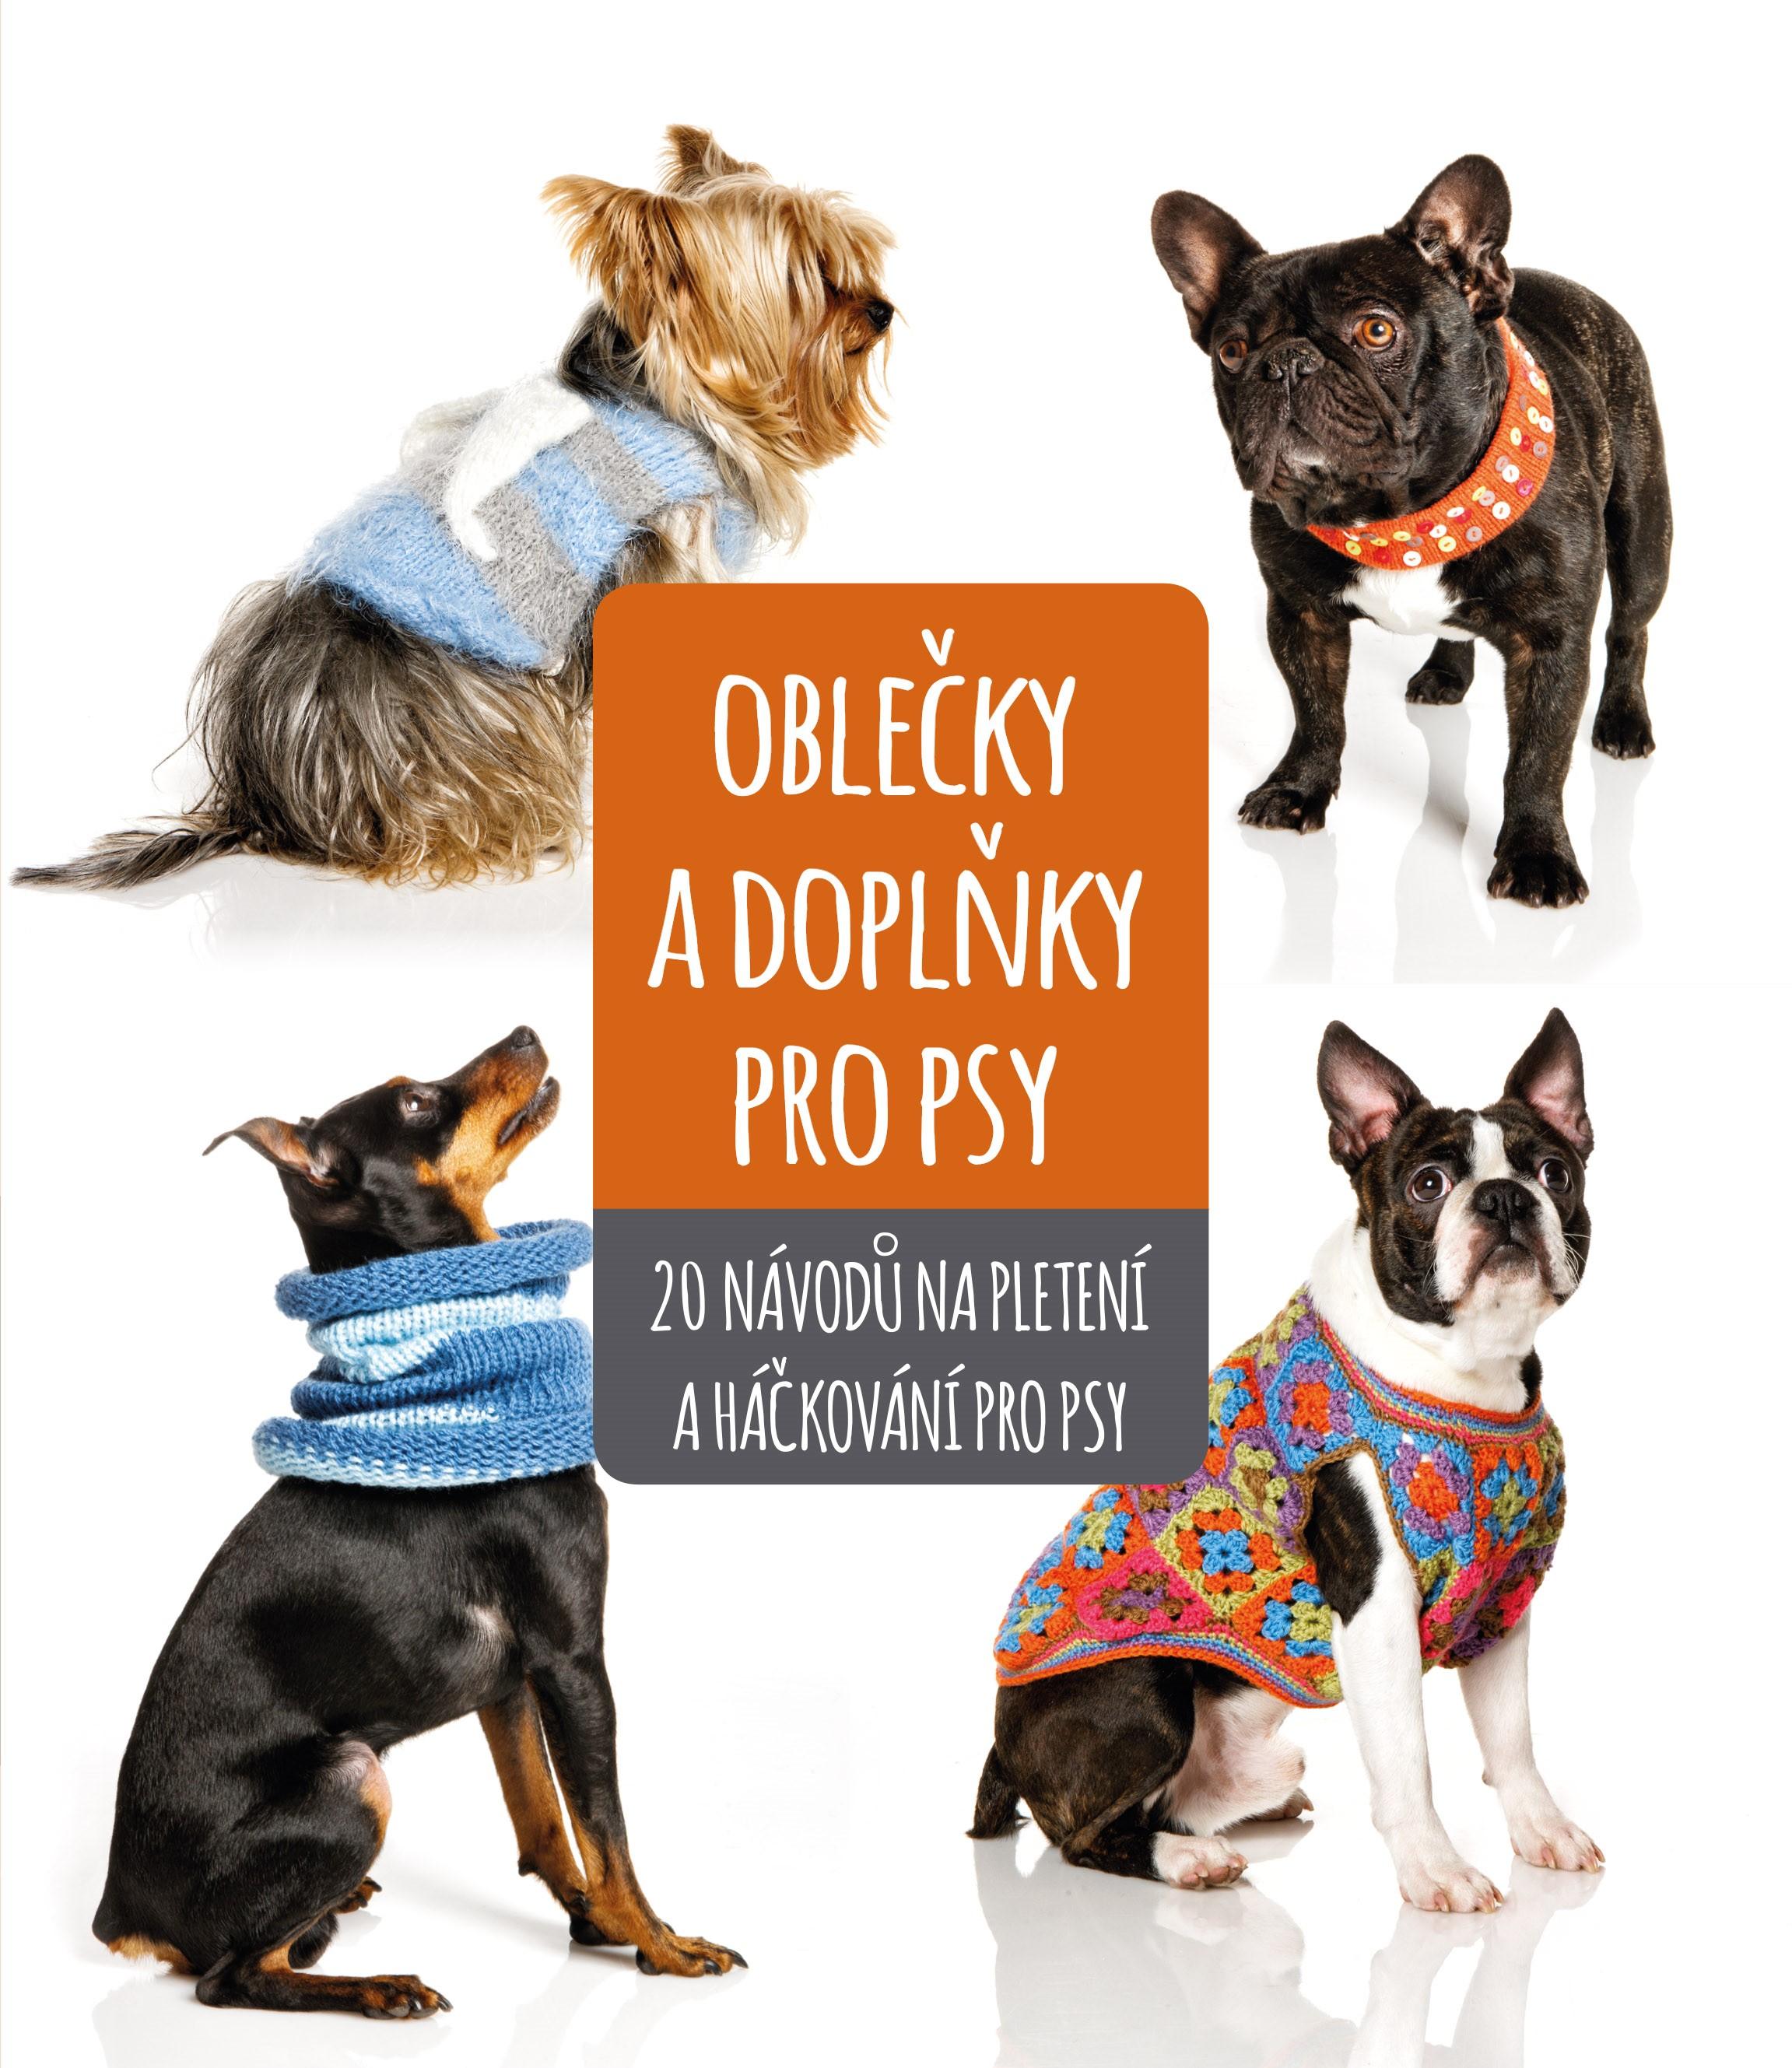 Oblečky a doplňky pro psy